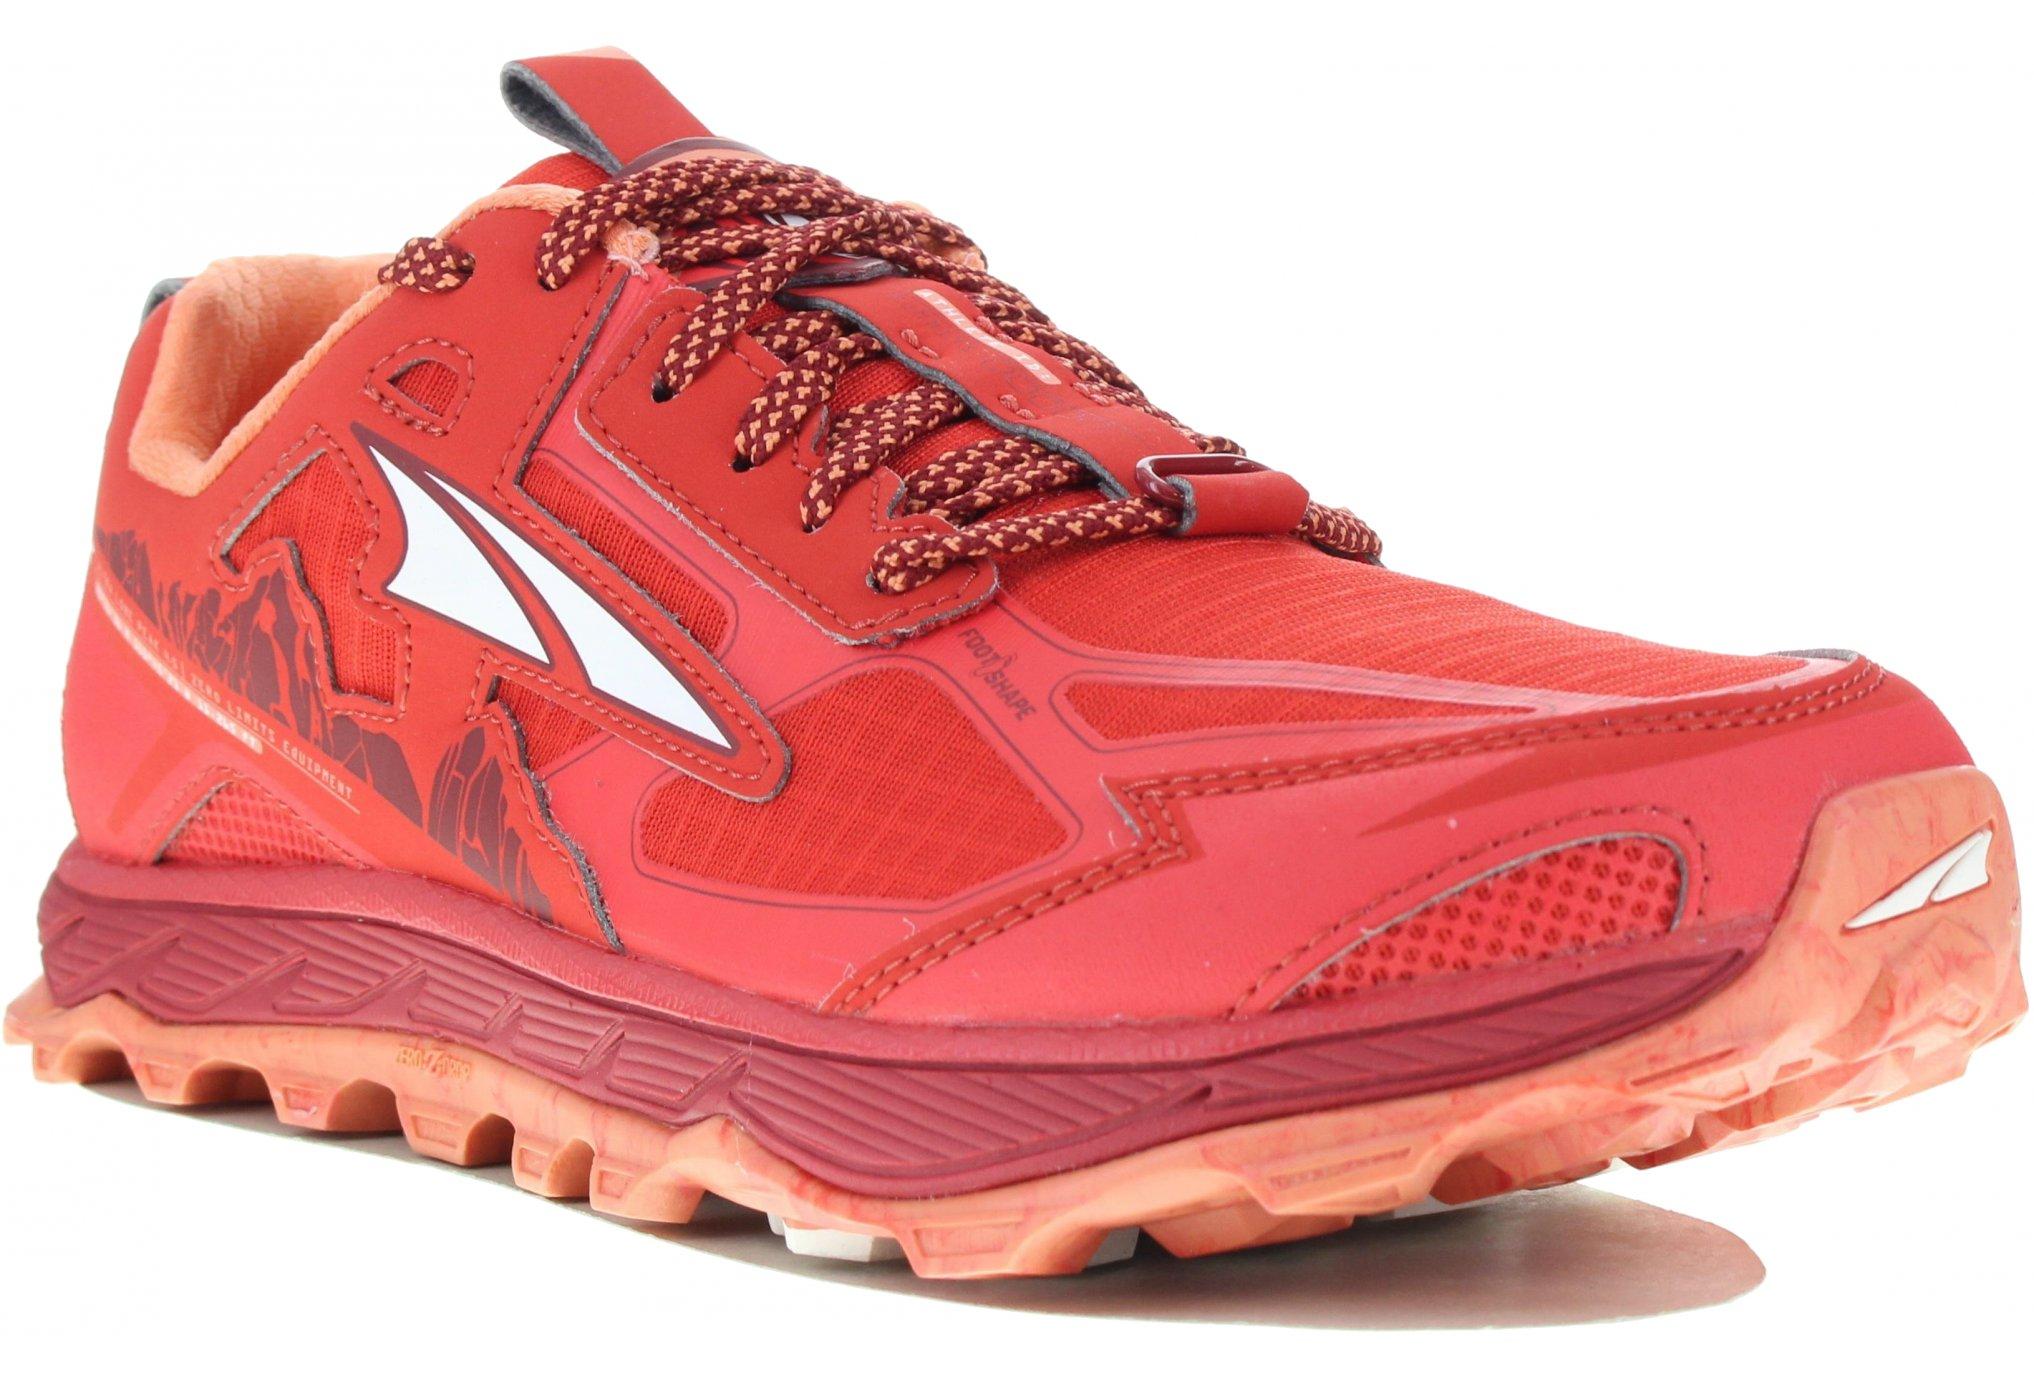 Altra Lone peak 4.5 w chaussures running femme